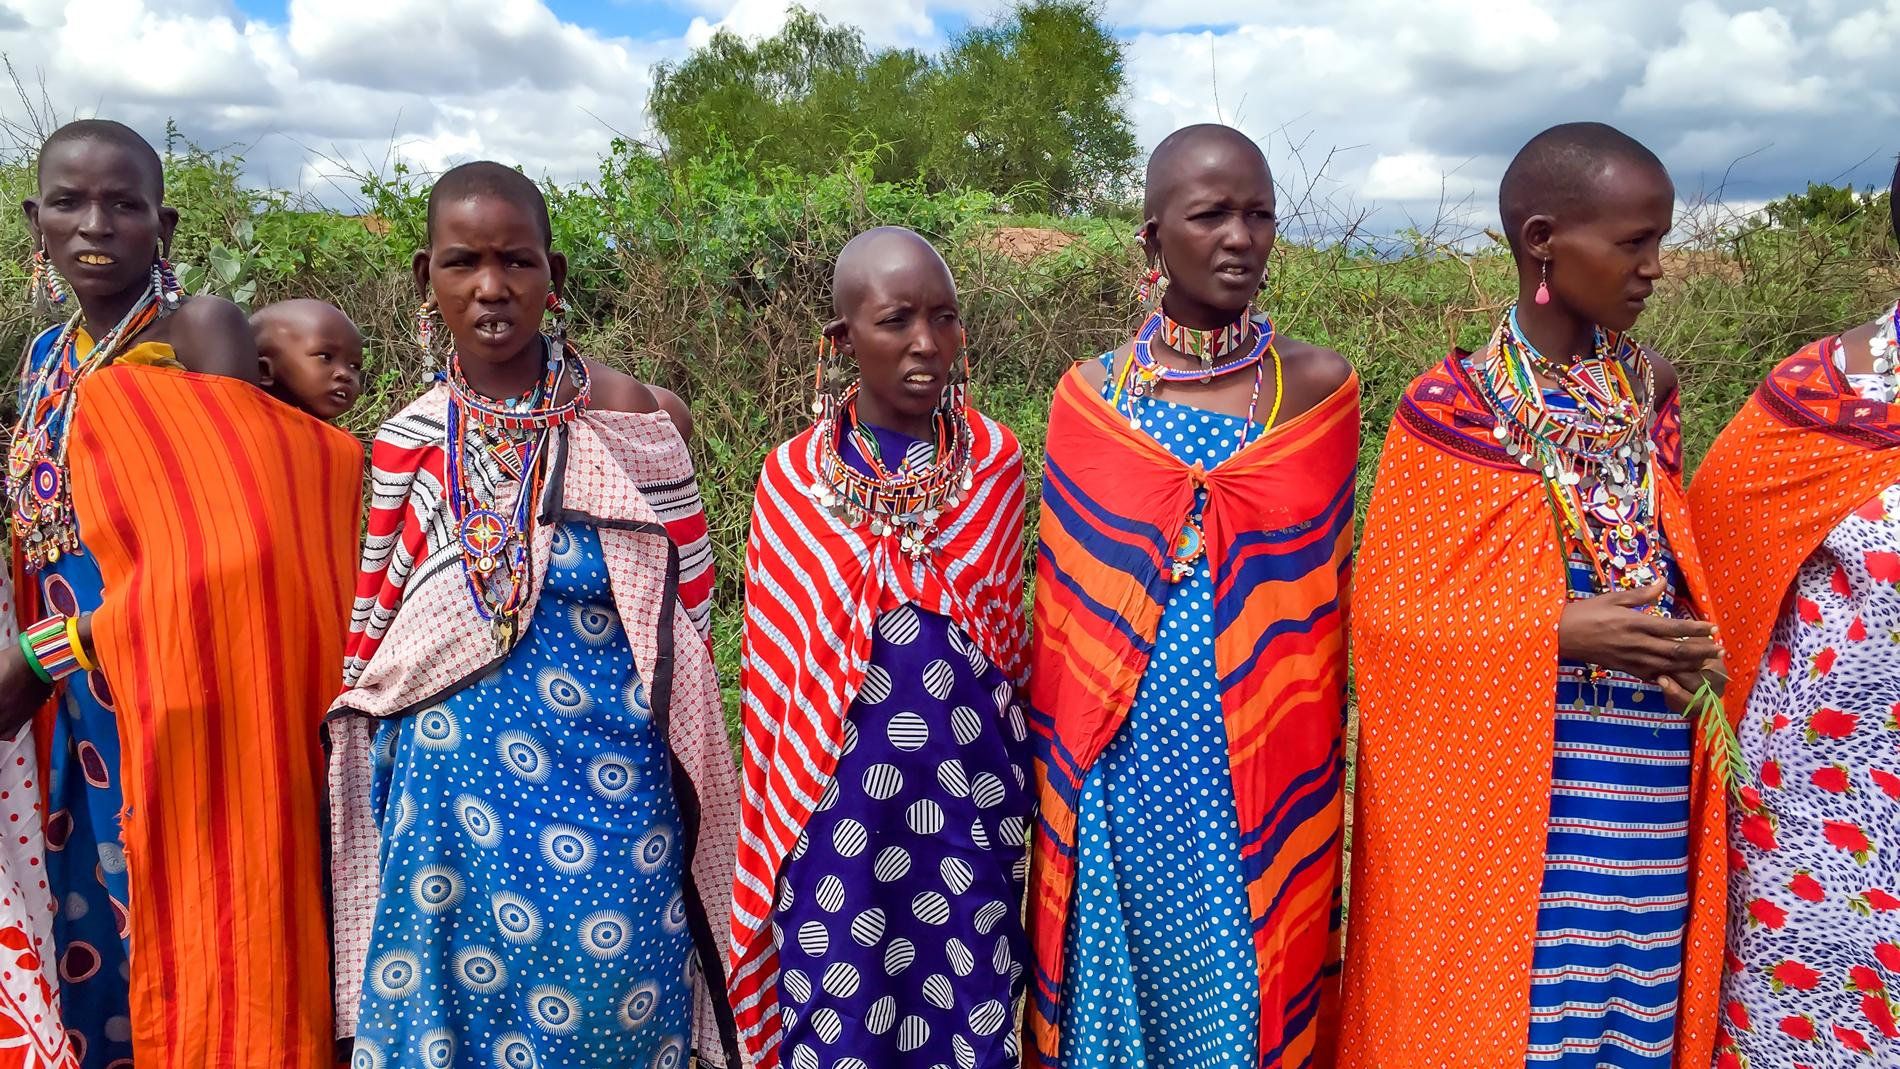 Традиции Африки. Оргазм тёщи, потенция вождя и секс-лотерея